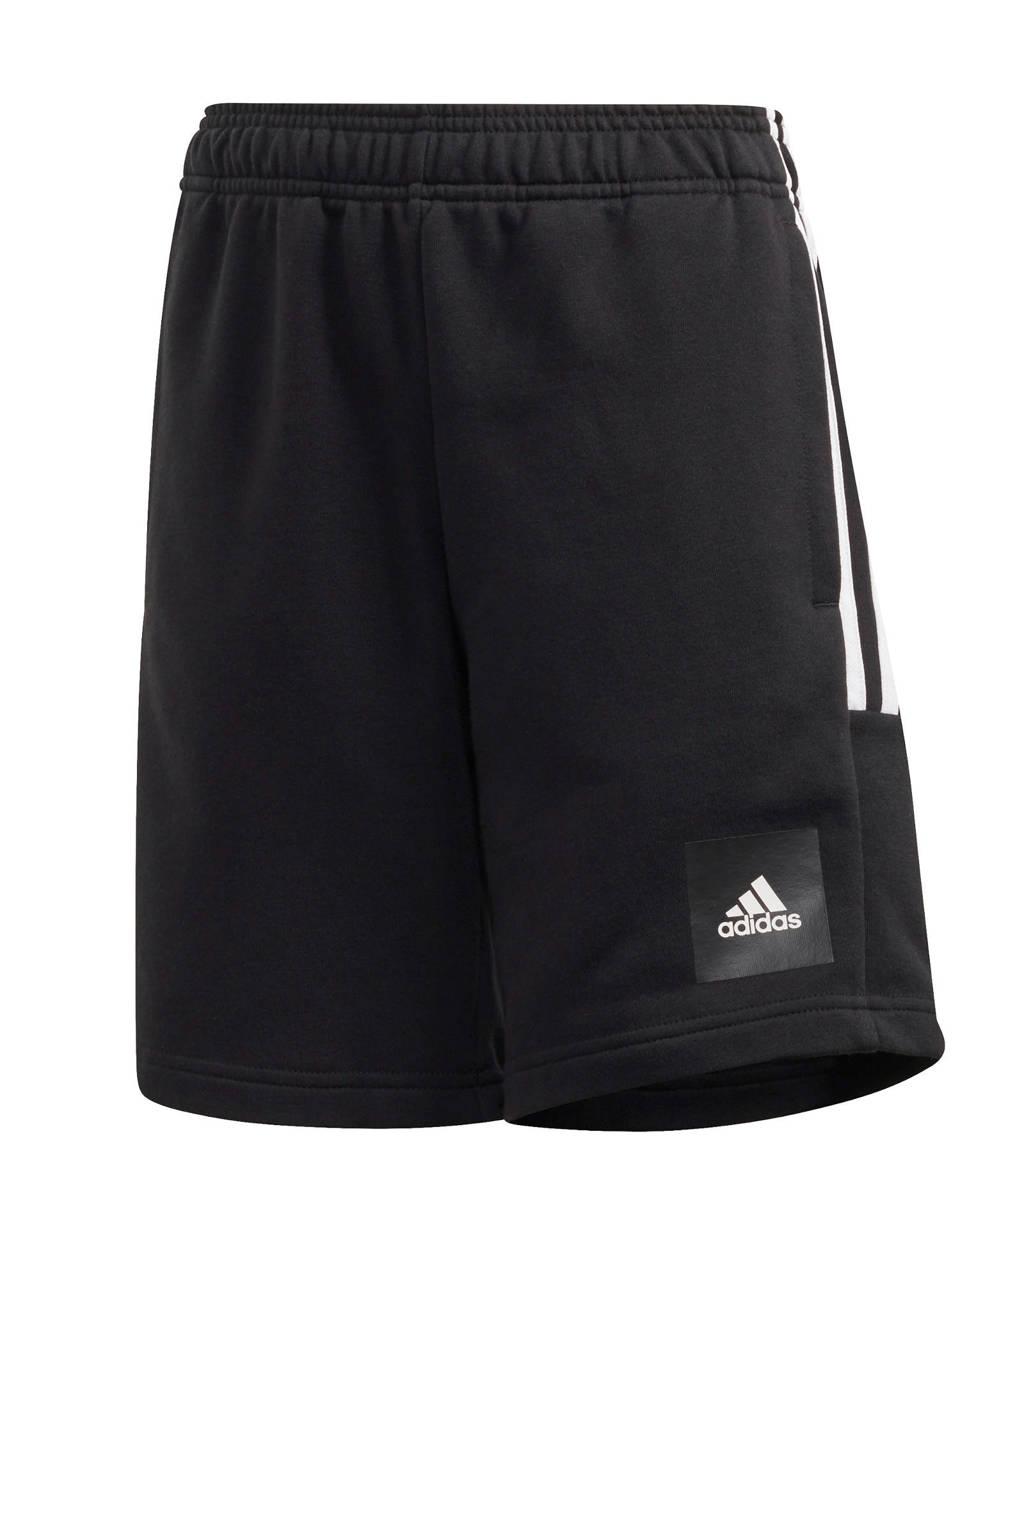 adidas   sportshort zwart/wit, Zwart/wit